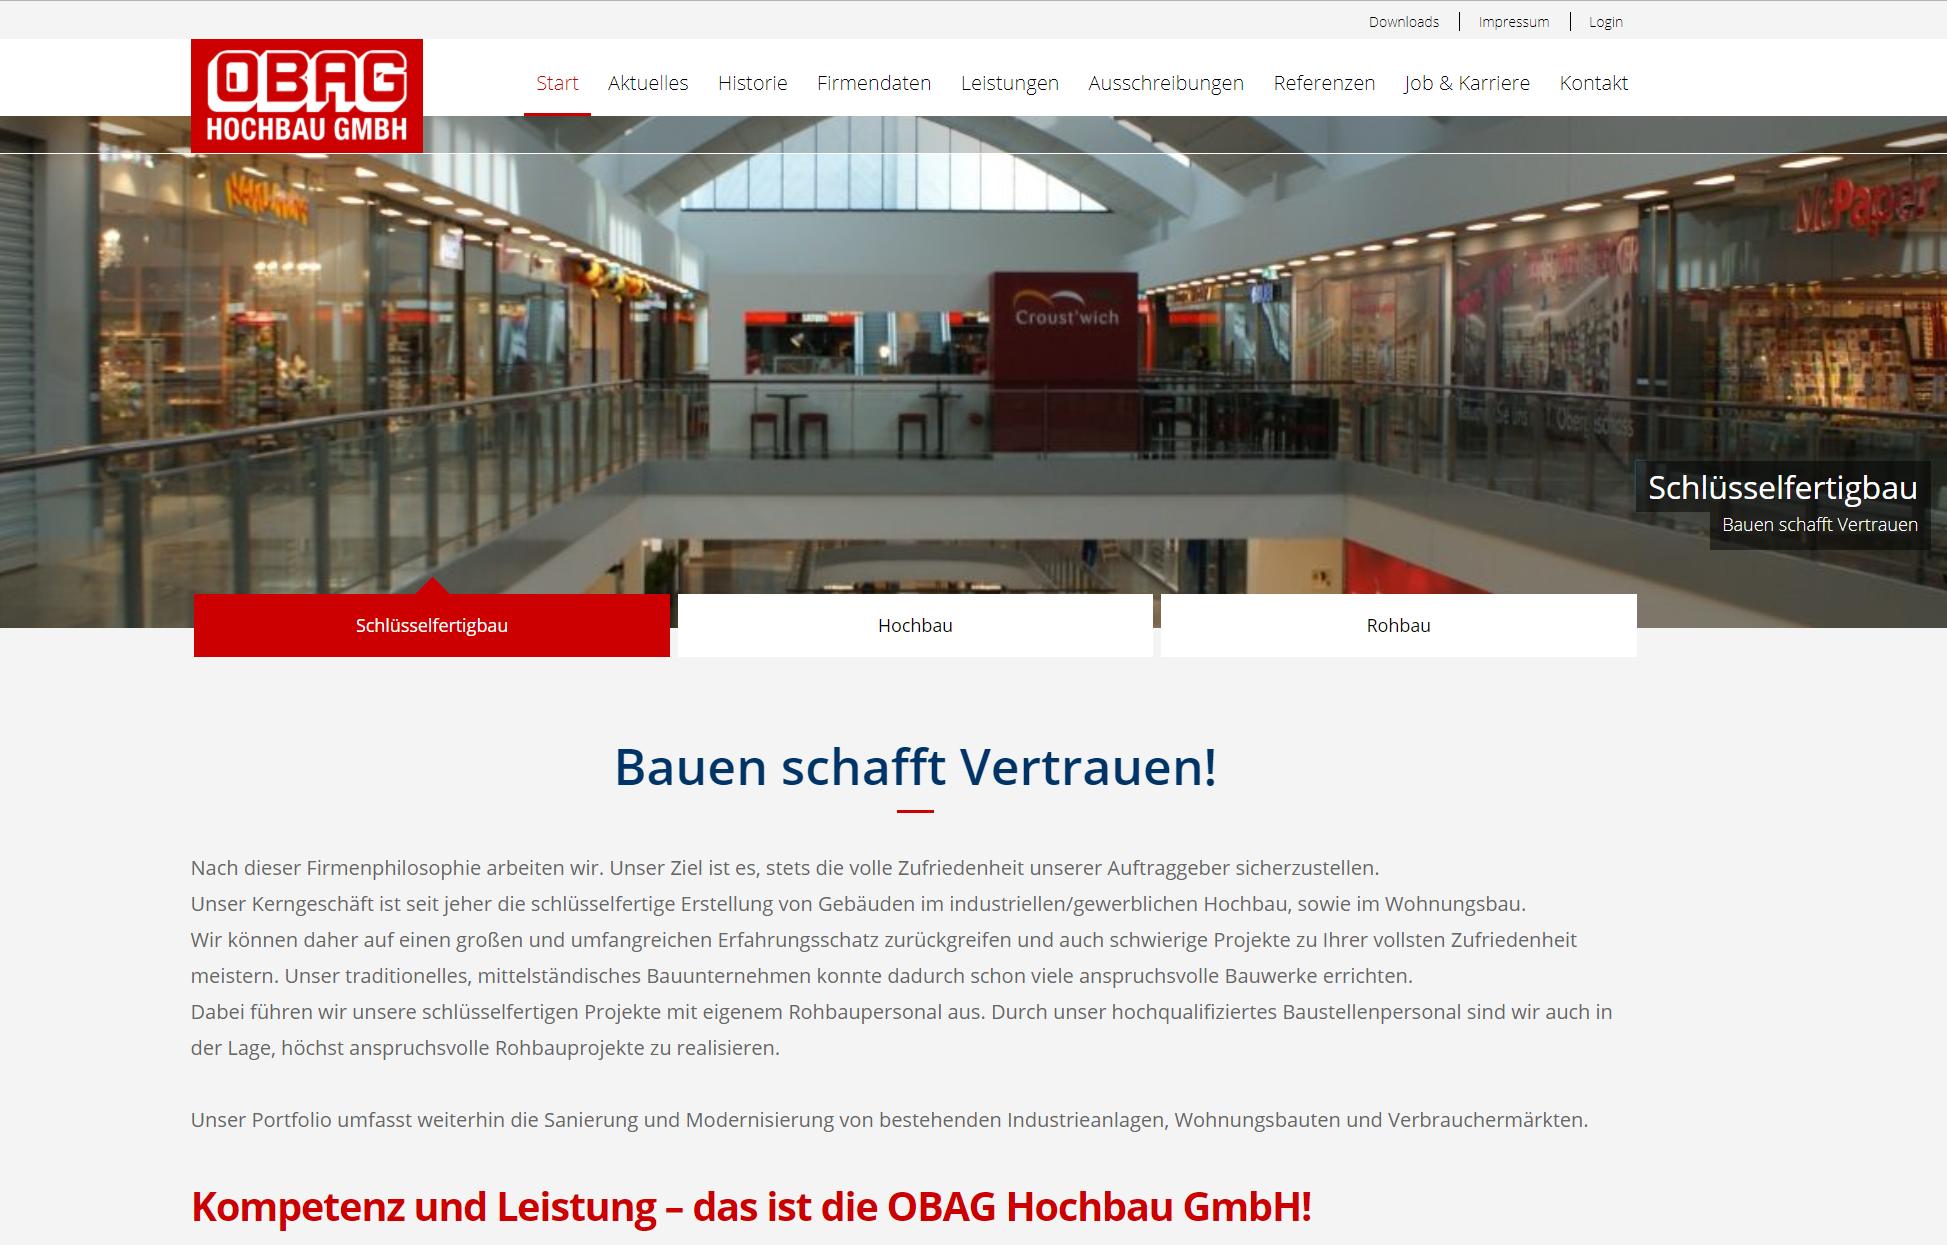 Beispiel der Webagentur WEBneo